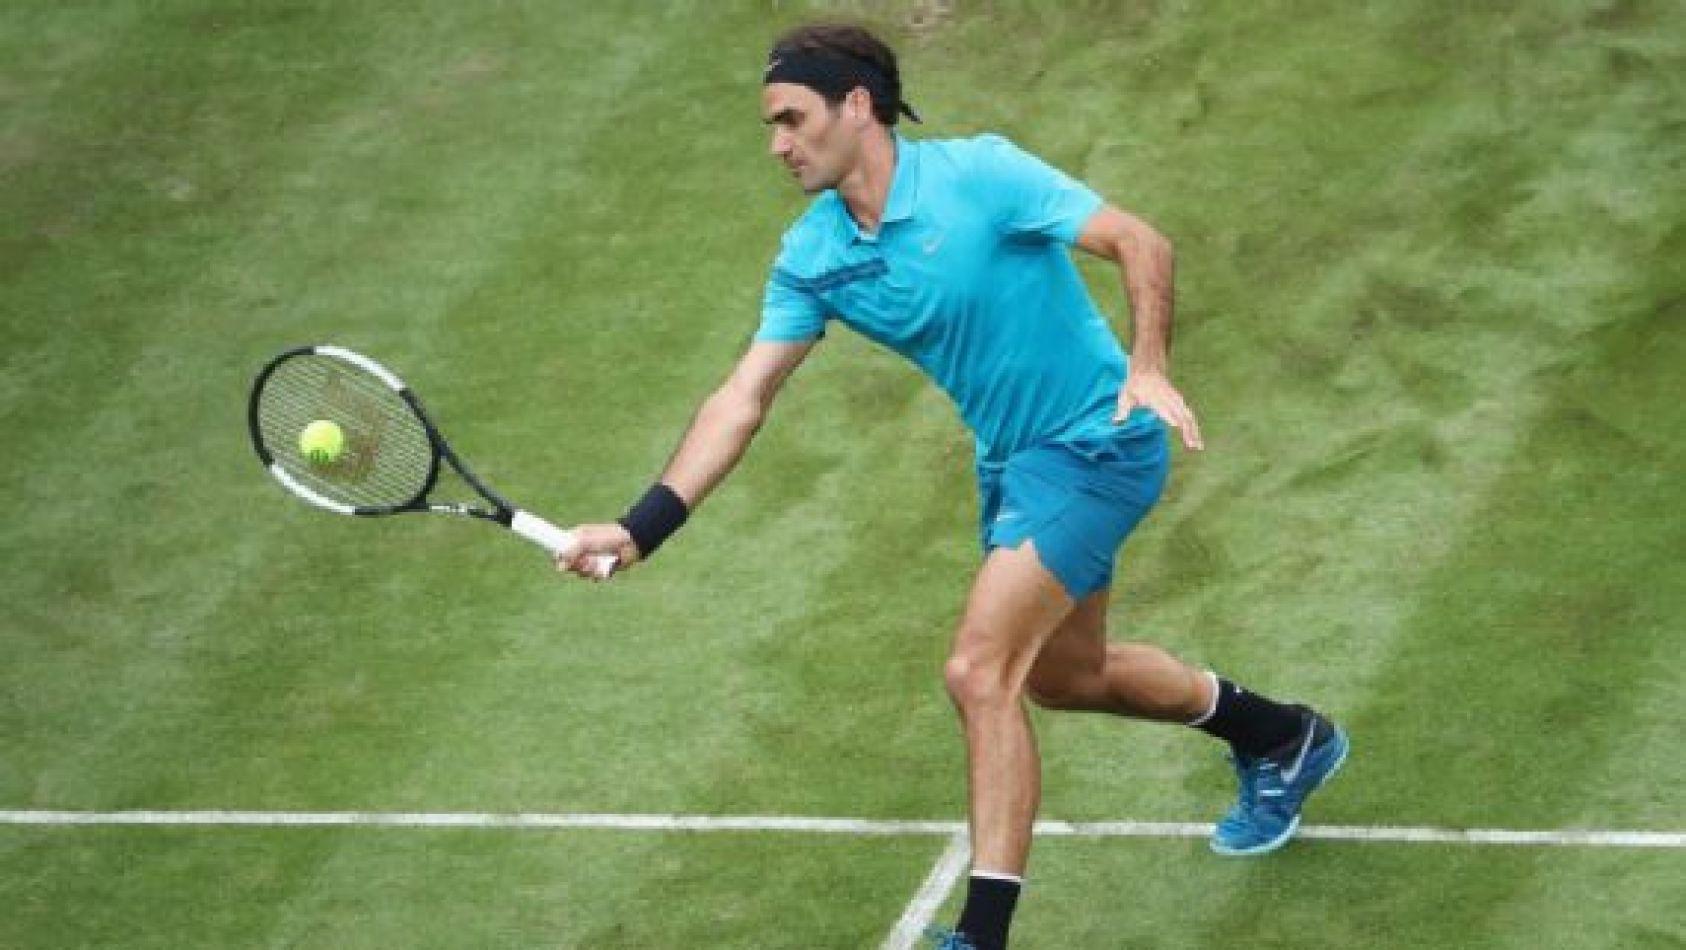 Federer enfrenta a Kyrgios en busca de recuperar el Nº1 del mundo.